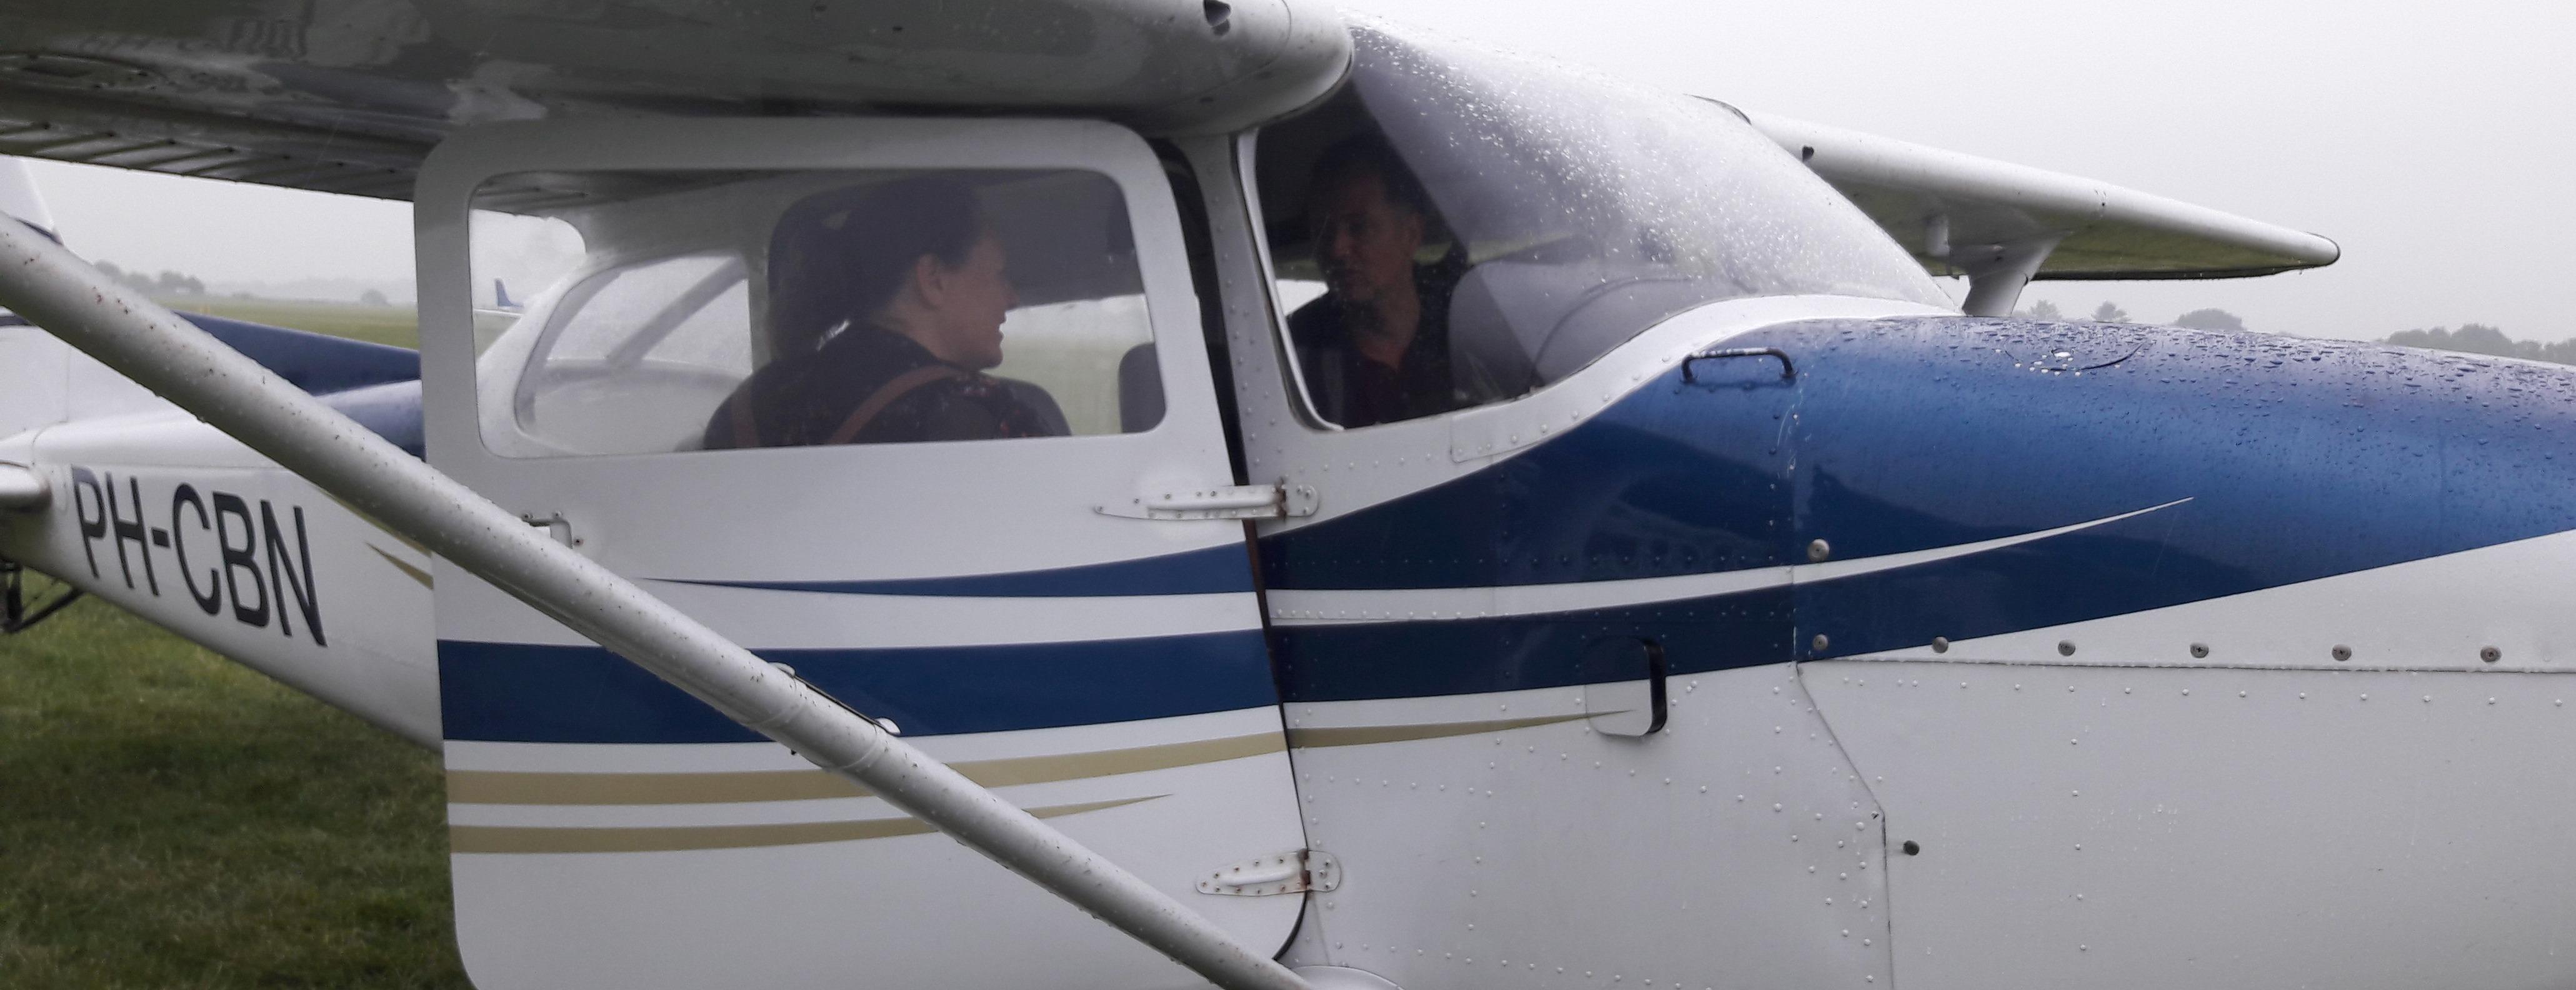 vliegen na burnoutbegeleiding in Hilversum